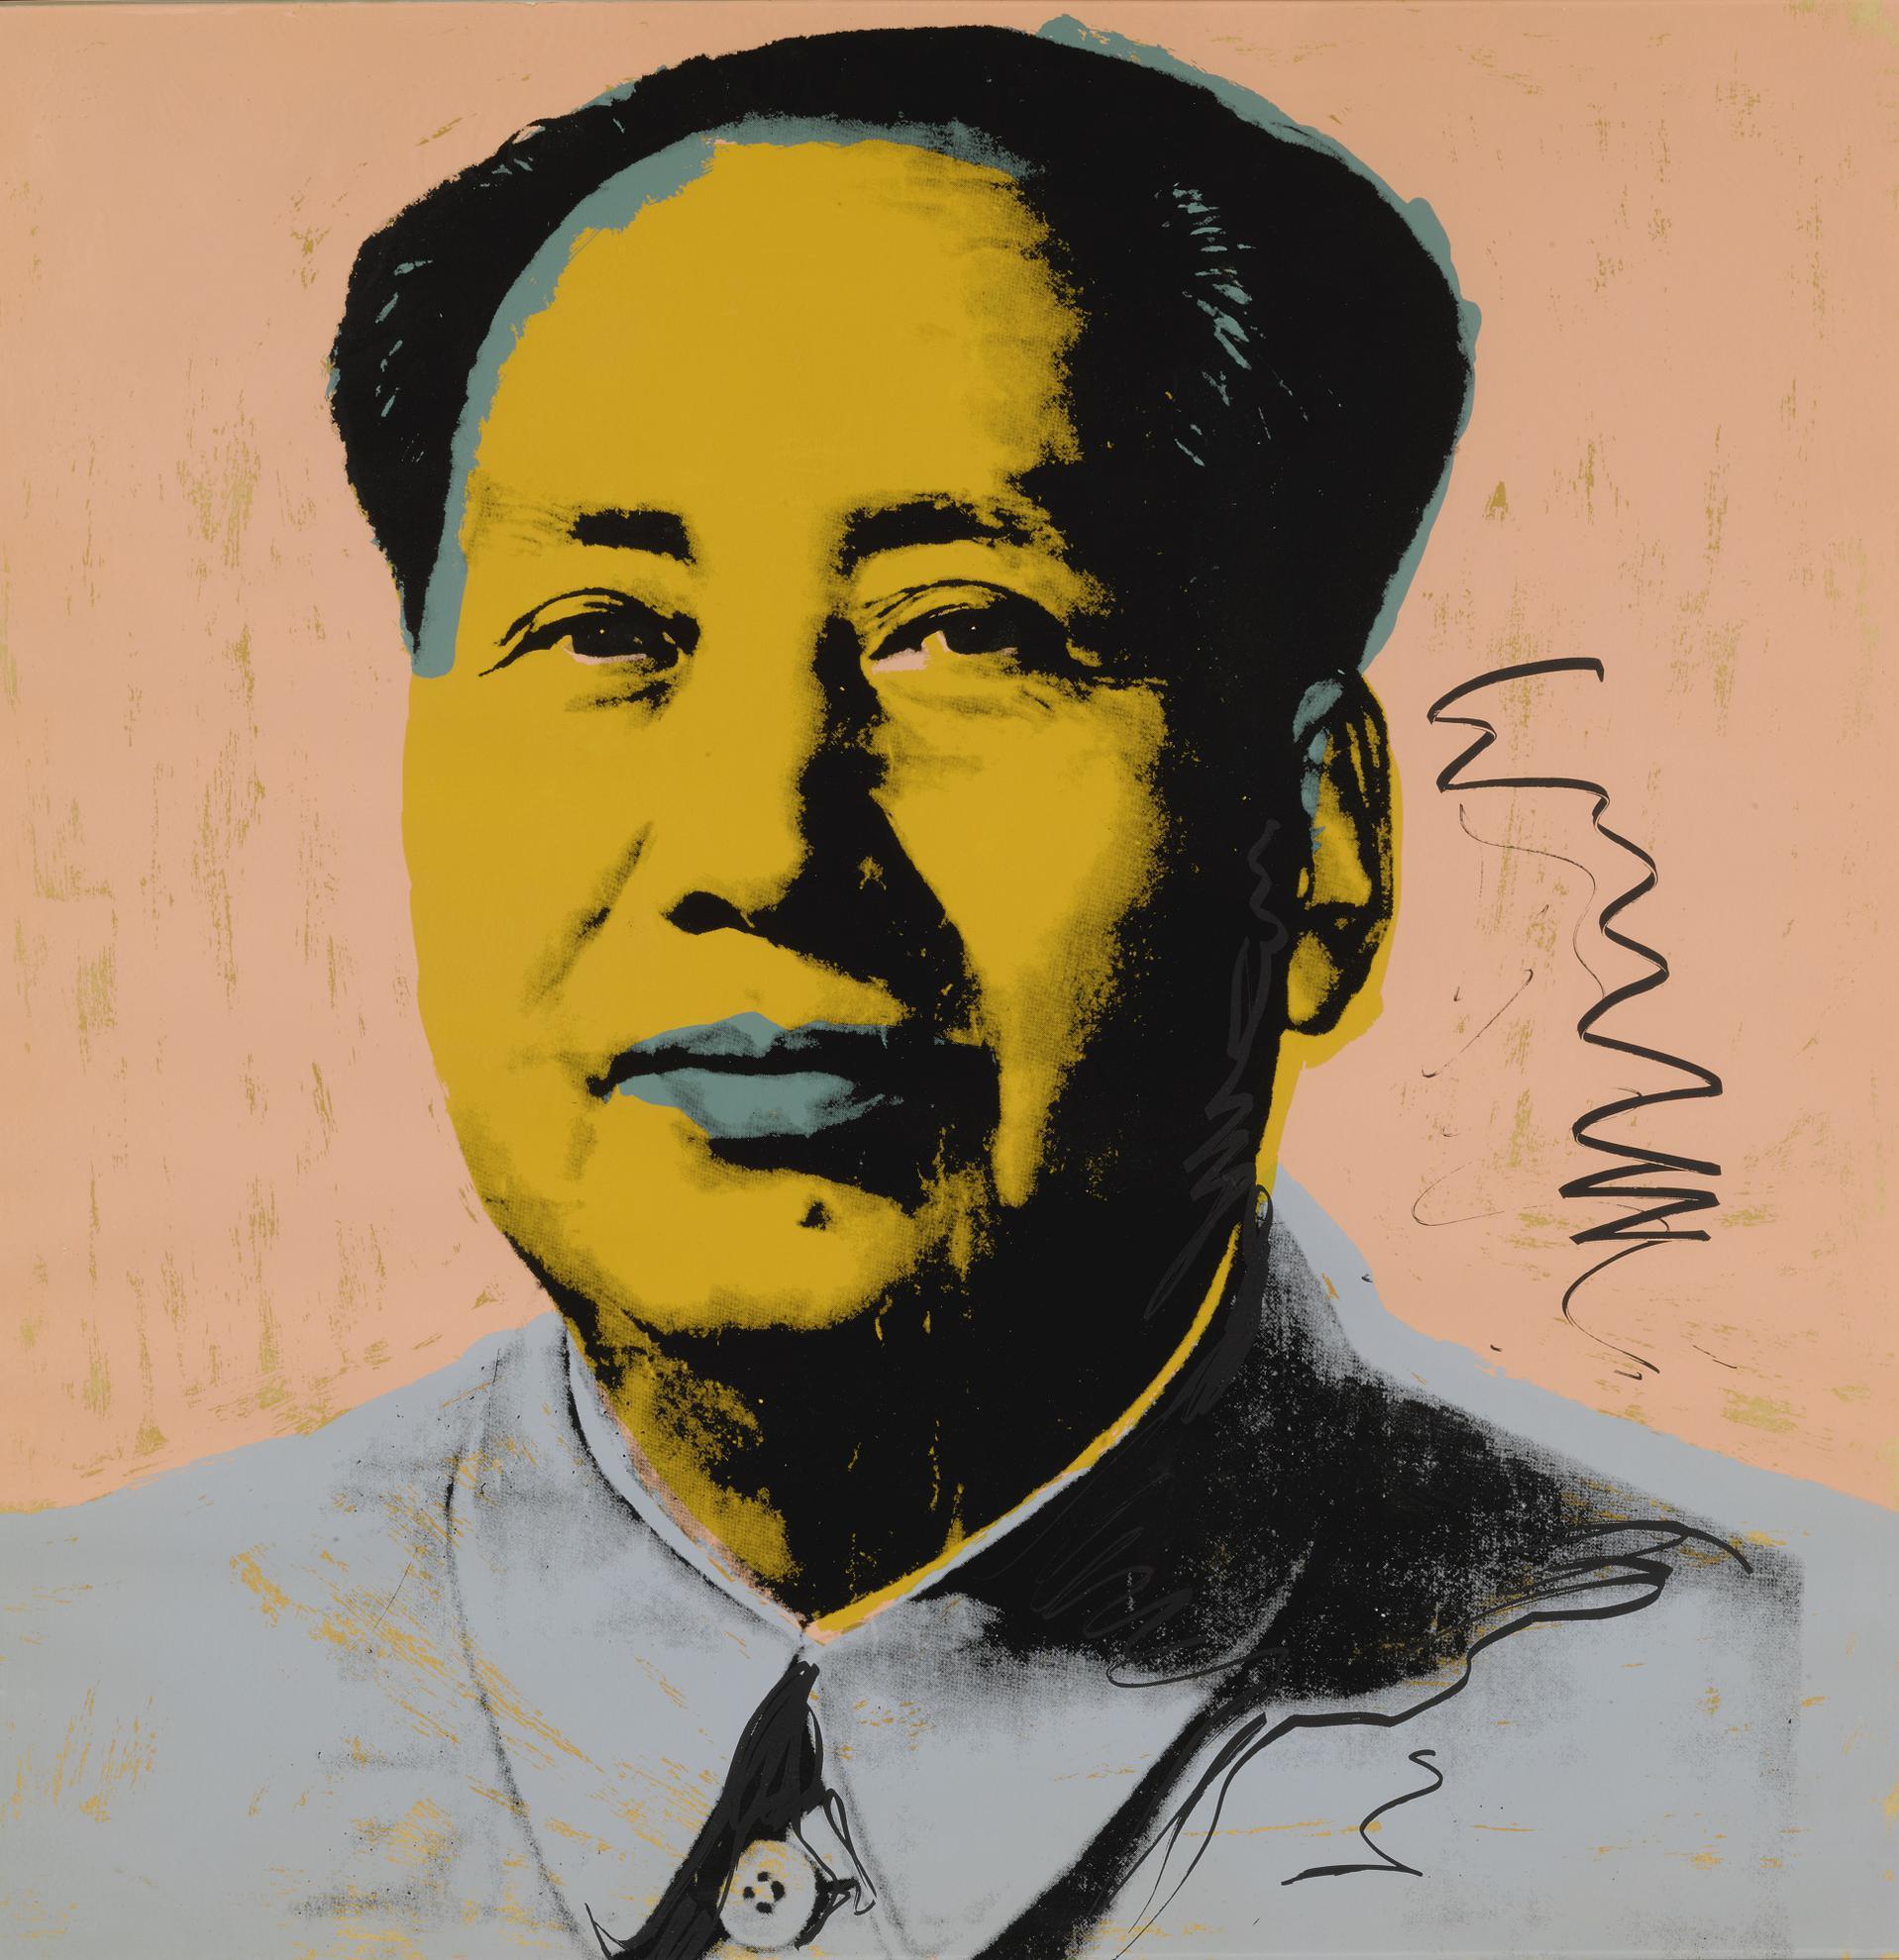 Andy Warhol-Mao (F. & S. II.92)-1972